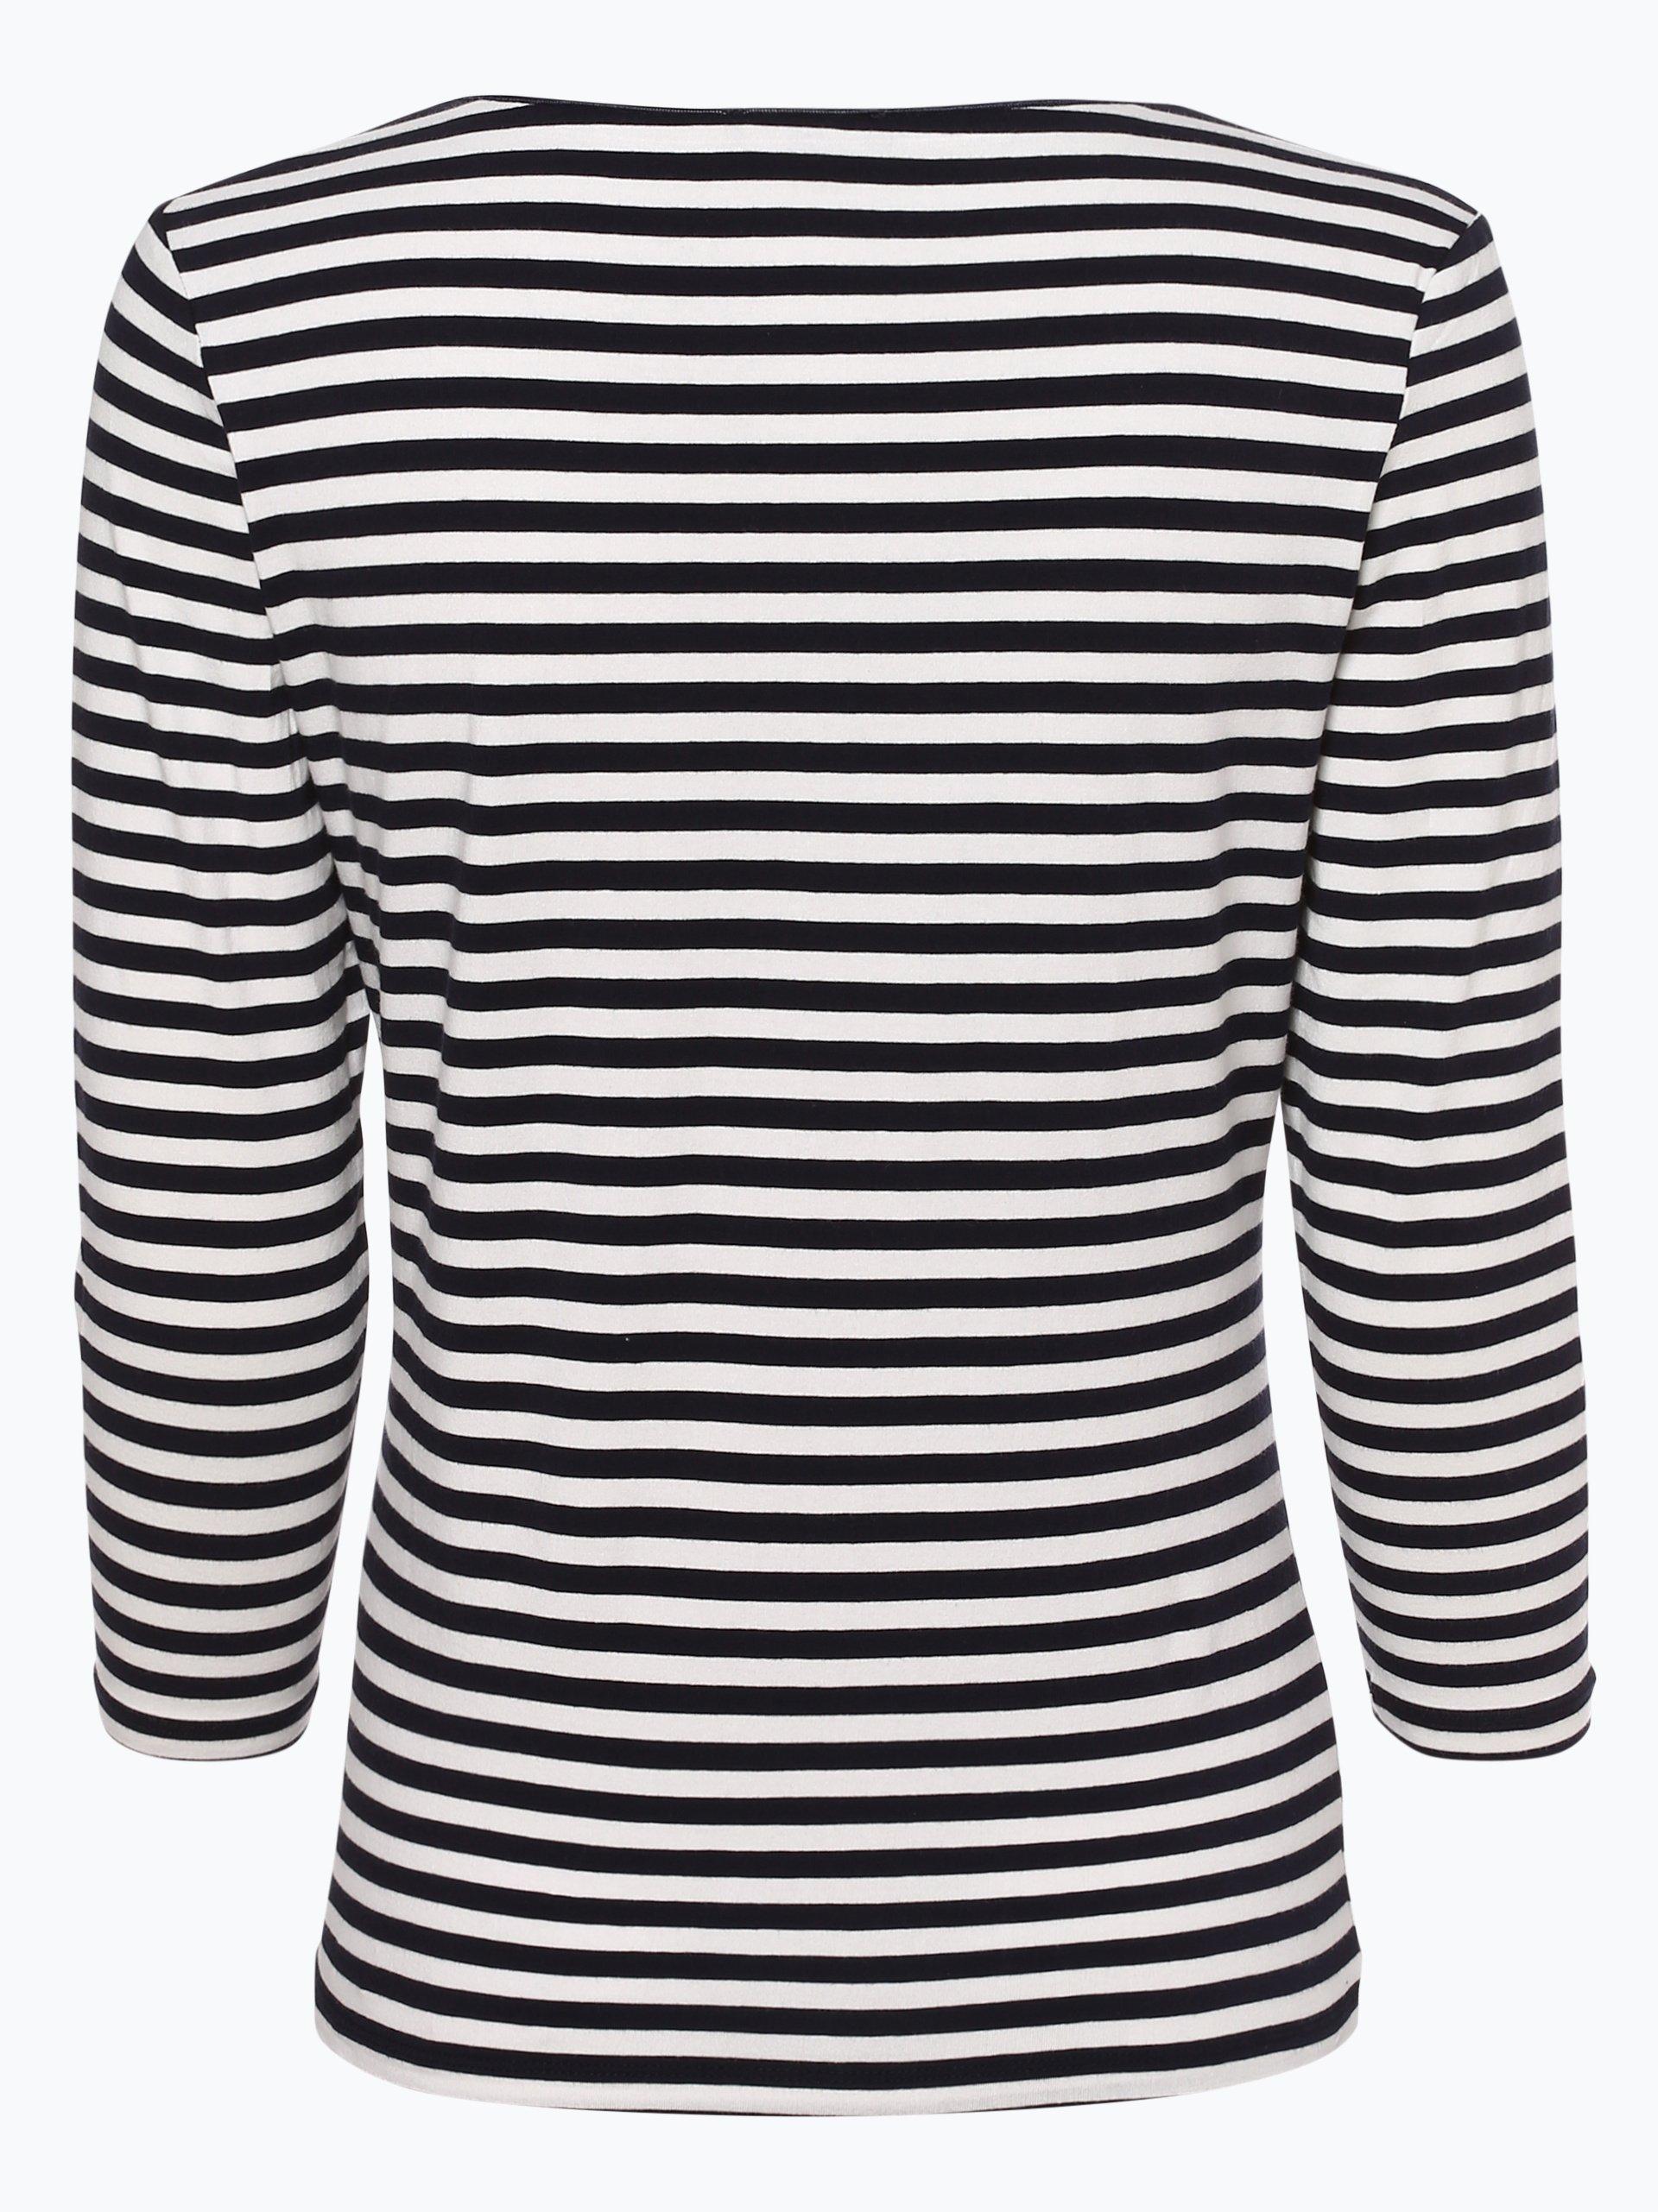 Marie Lund T-shirt damski – Coordinates